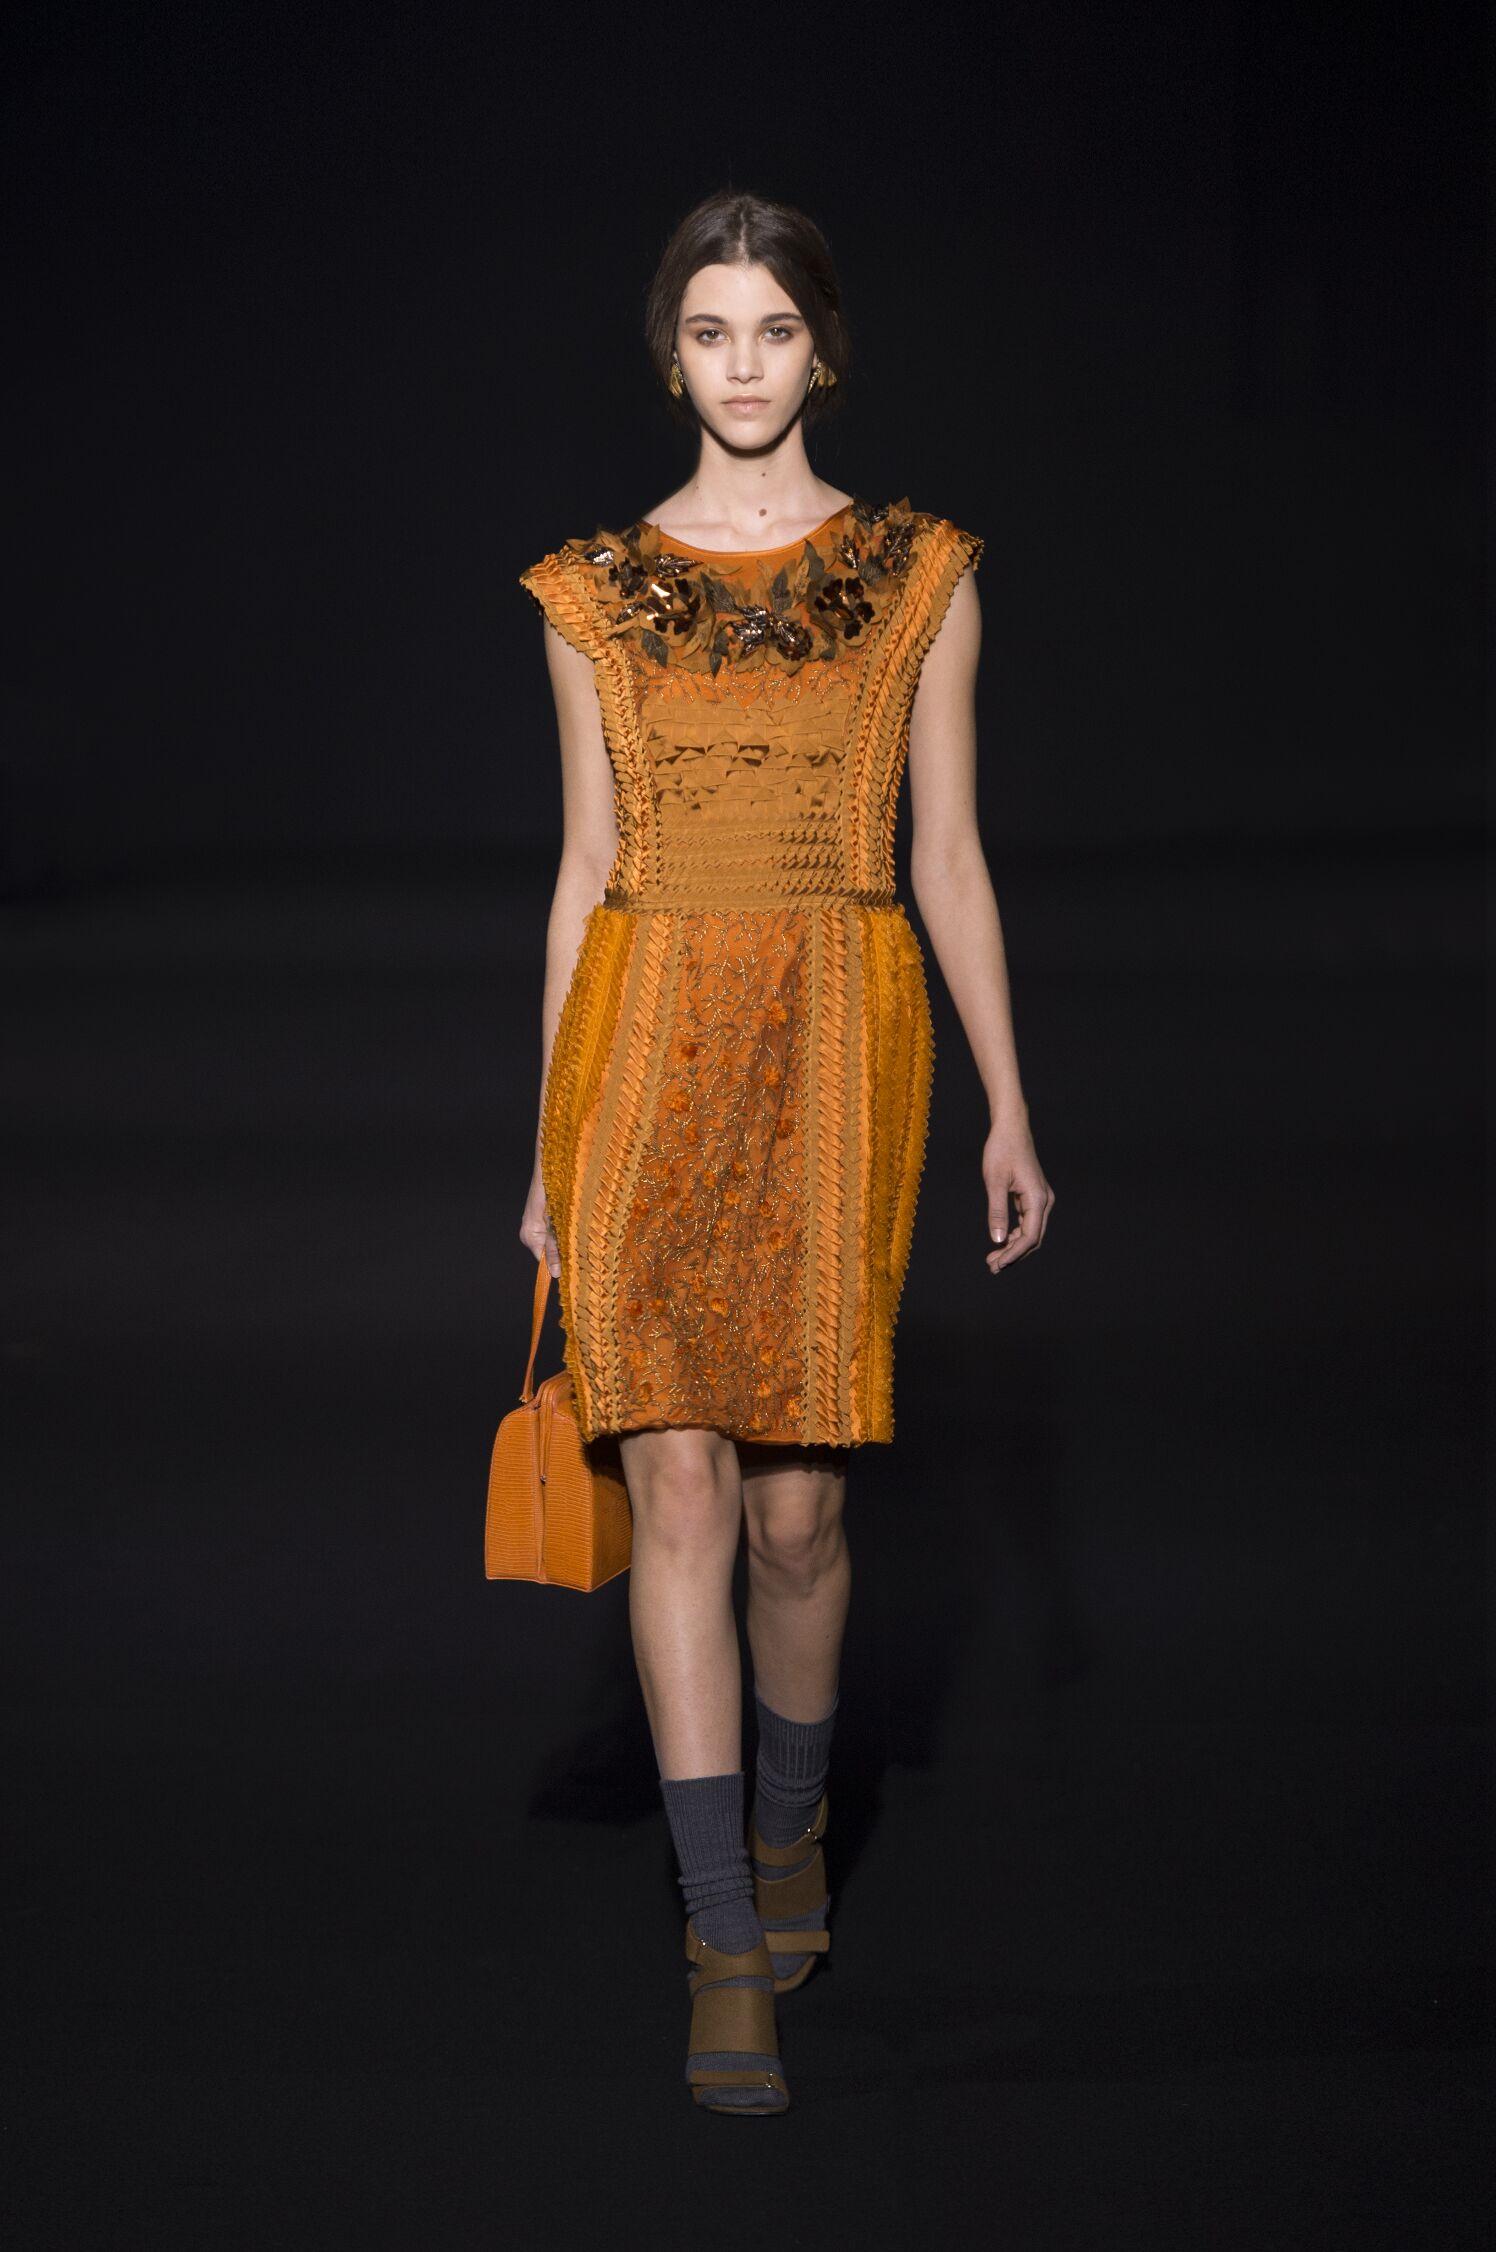 Alberta Ferretti Fashion Trends